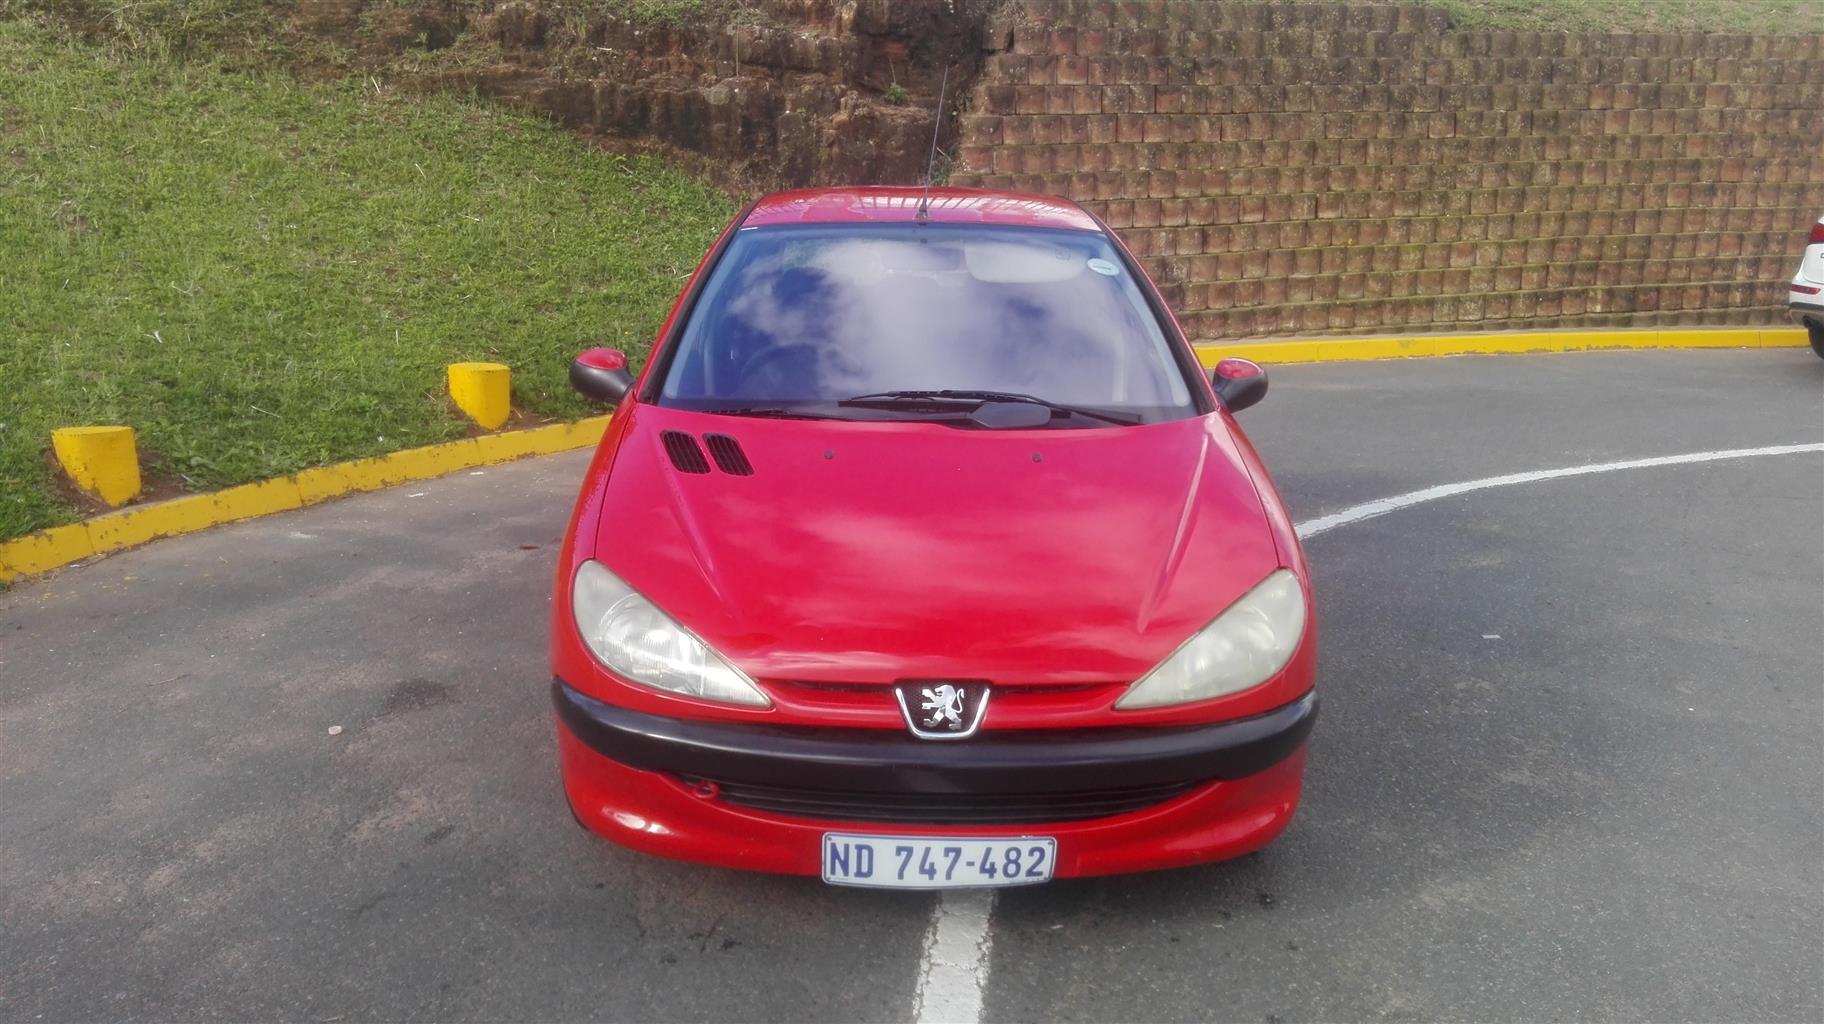 2004 Peugeot 206 1.4 5 door PopArt